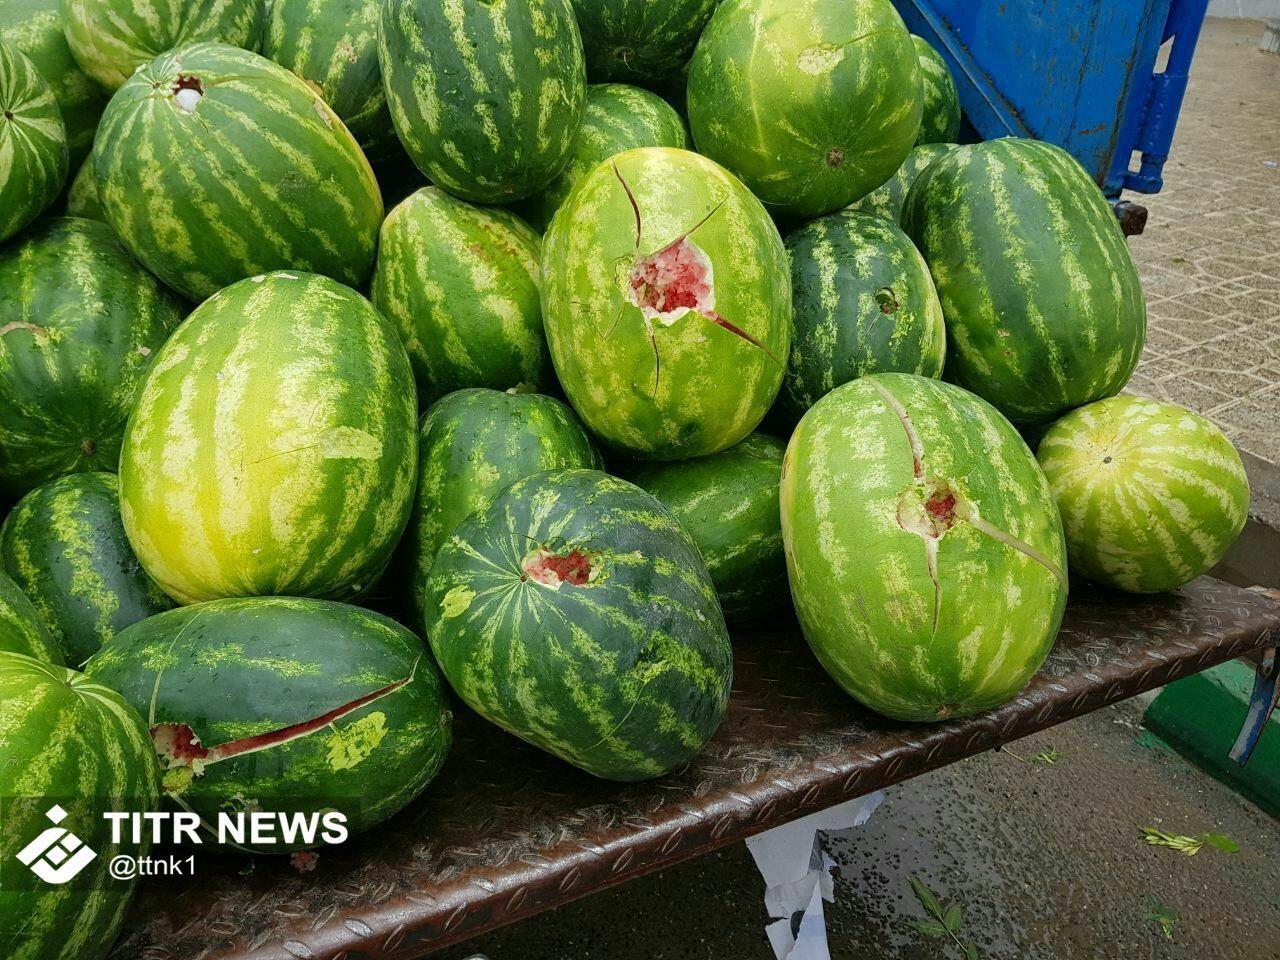 خسارت تگرگ بە هندوانههای یک دستفروش+عکس